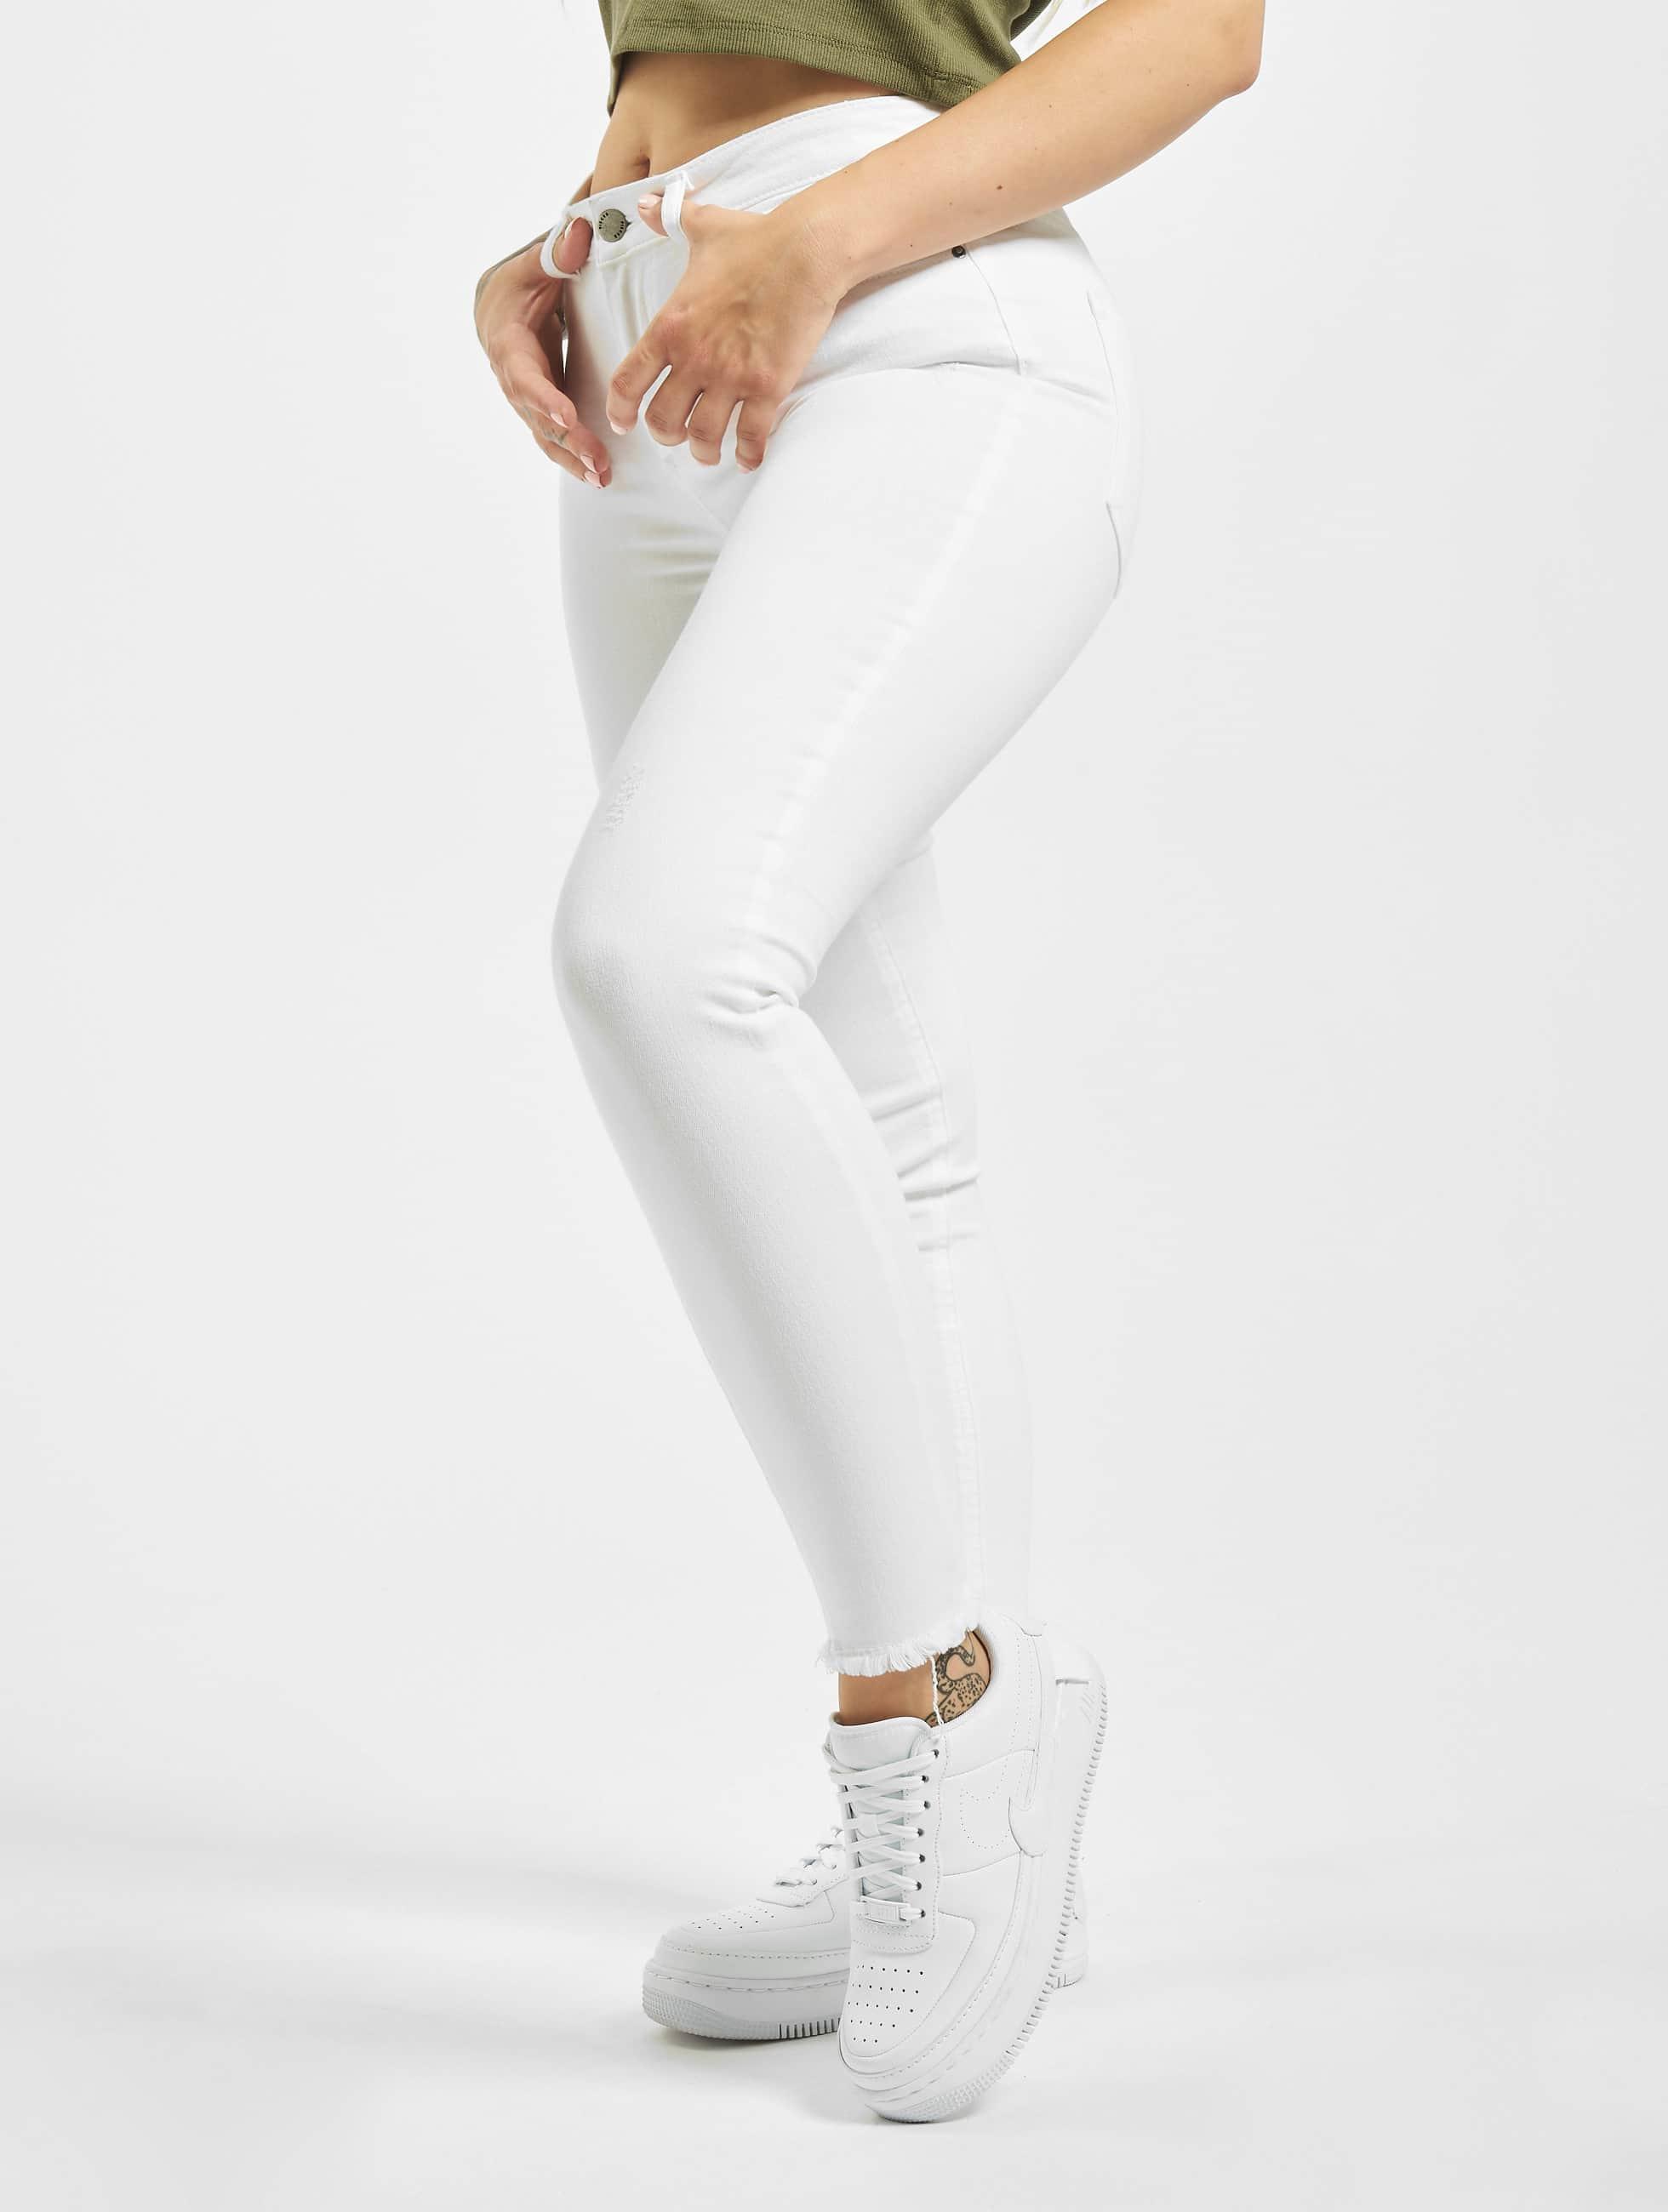 46788cbfd55b82 Die 10 schönsten Sommerhosen-Trends für Frauen | Defshop Magazin